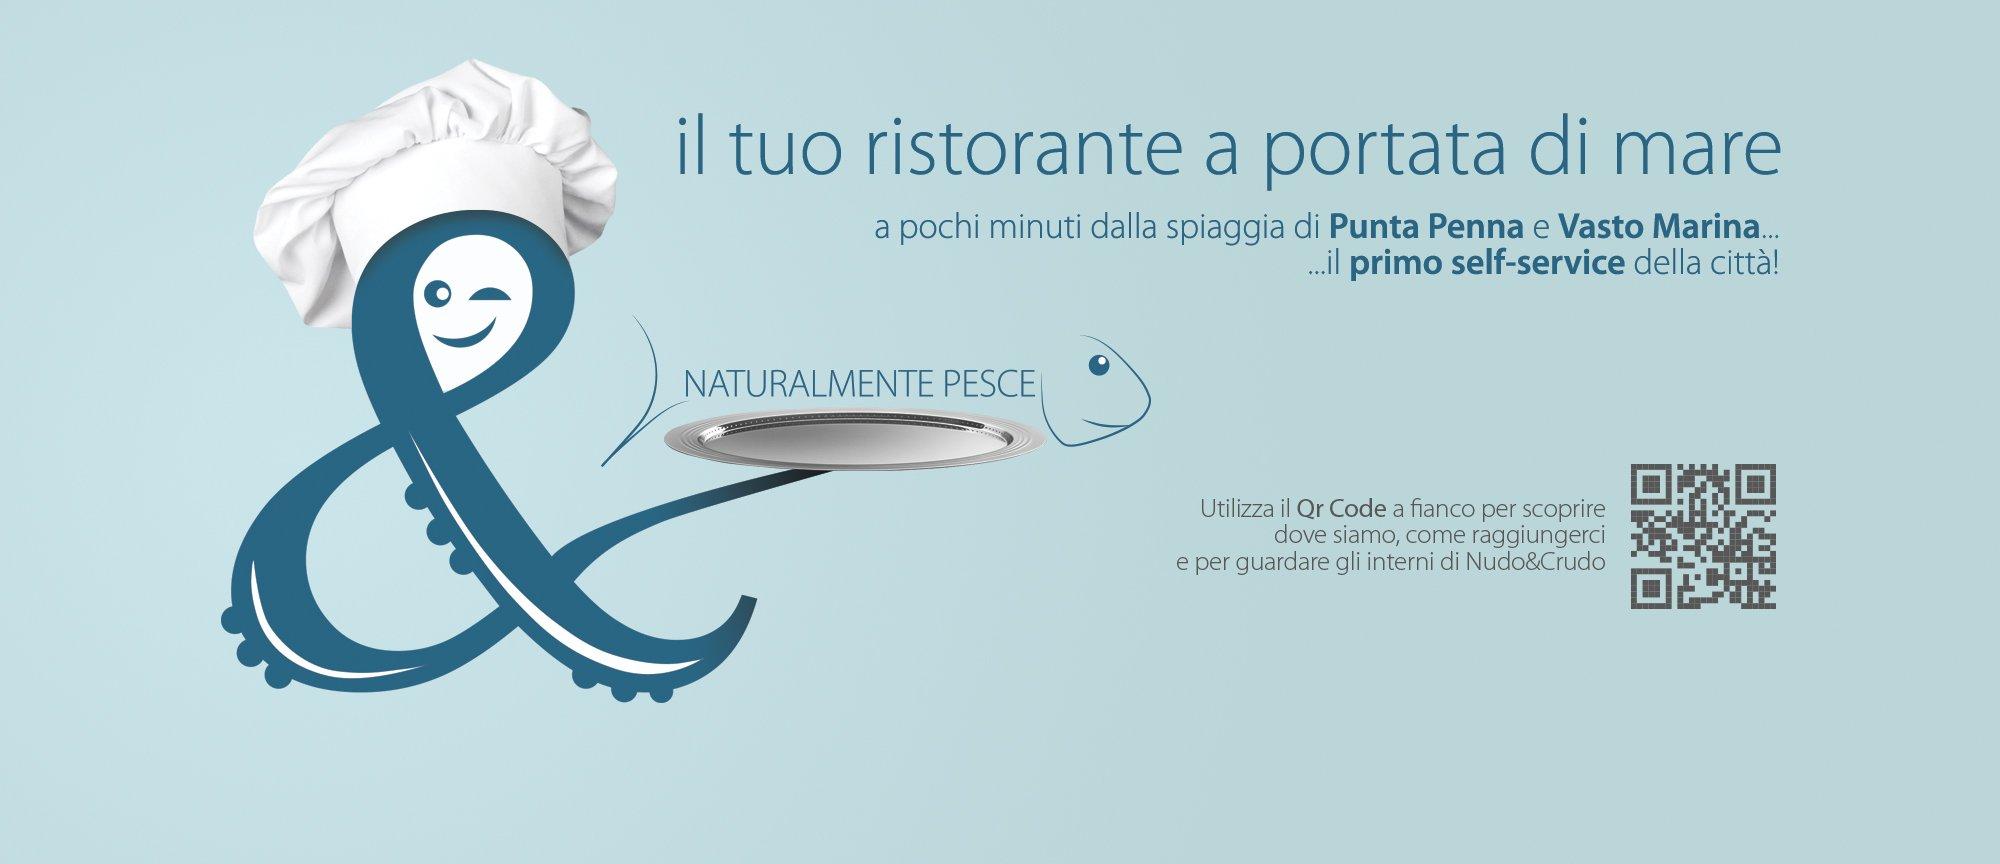 un polipo con un cappello da cuoco e la scritta il tuo ristorante a portata di mare